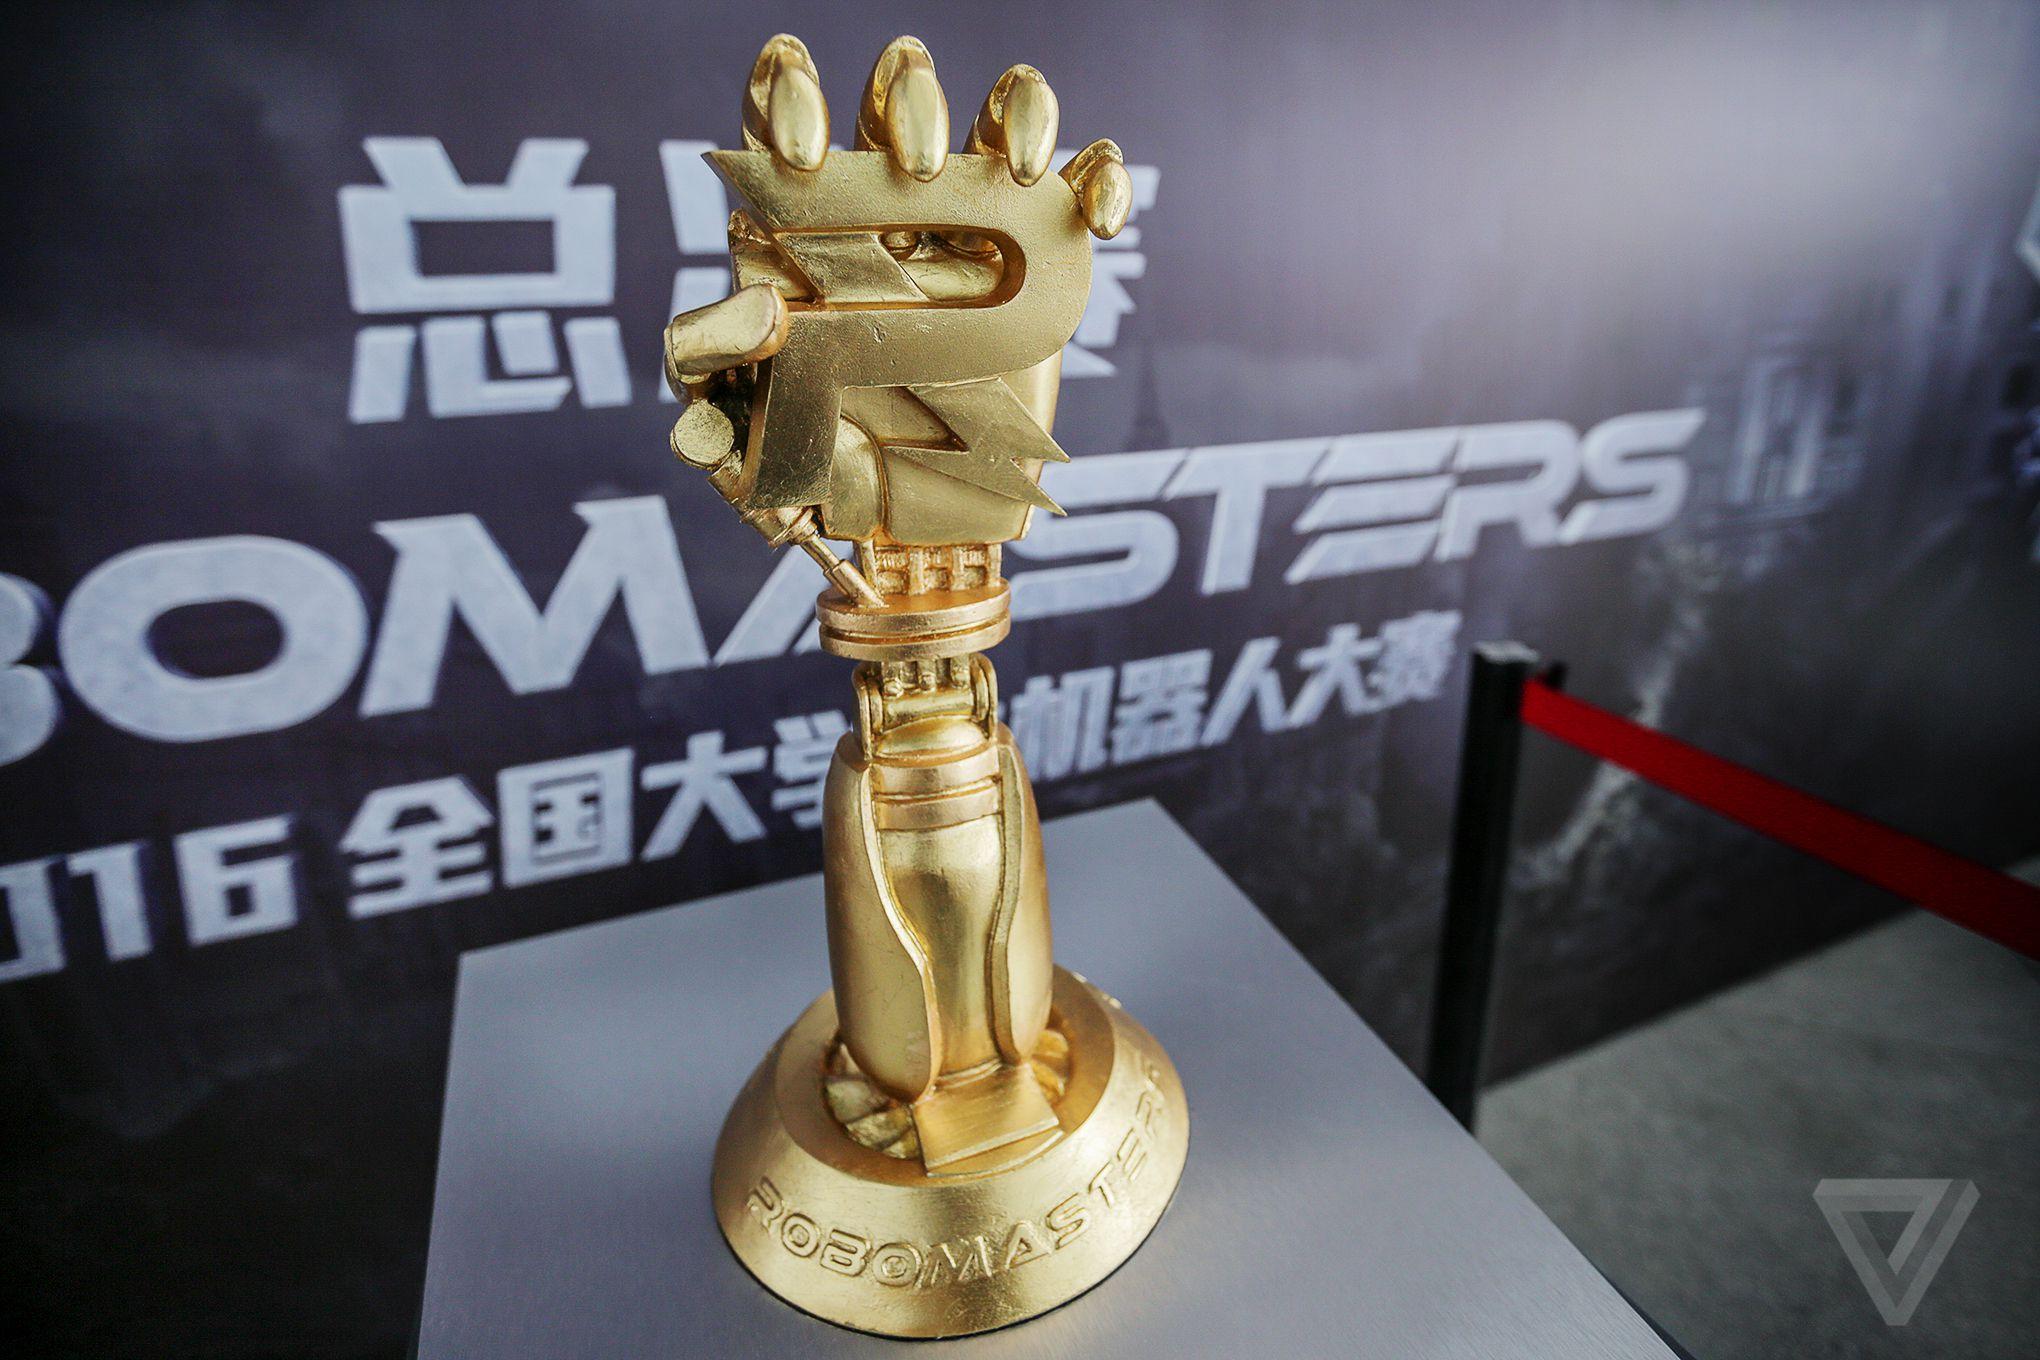 Robomasters trophy